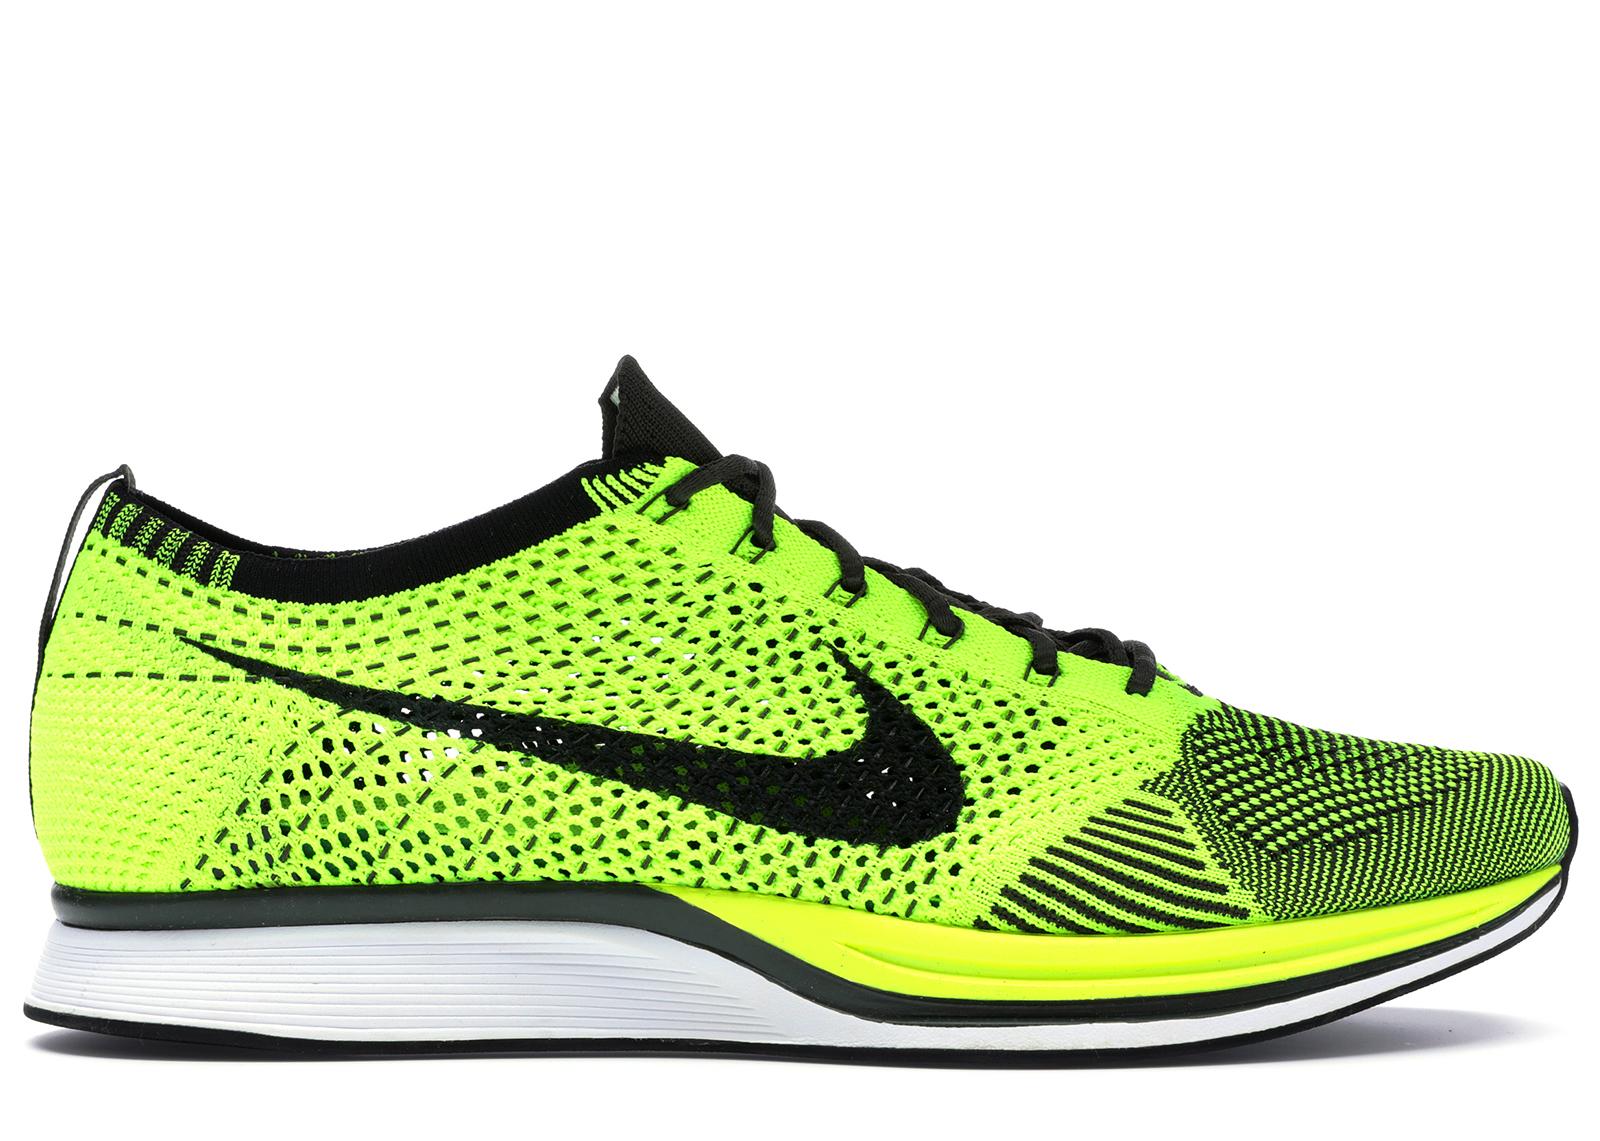 Nike Flyknit Racer Volt (2013) - 526628-721